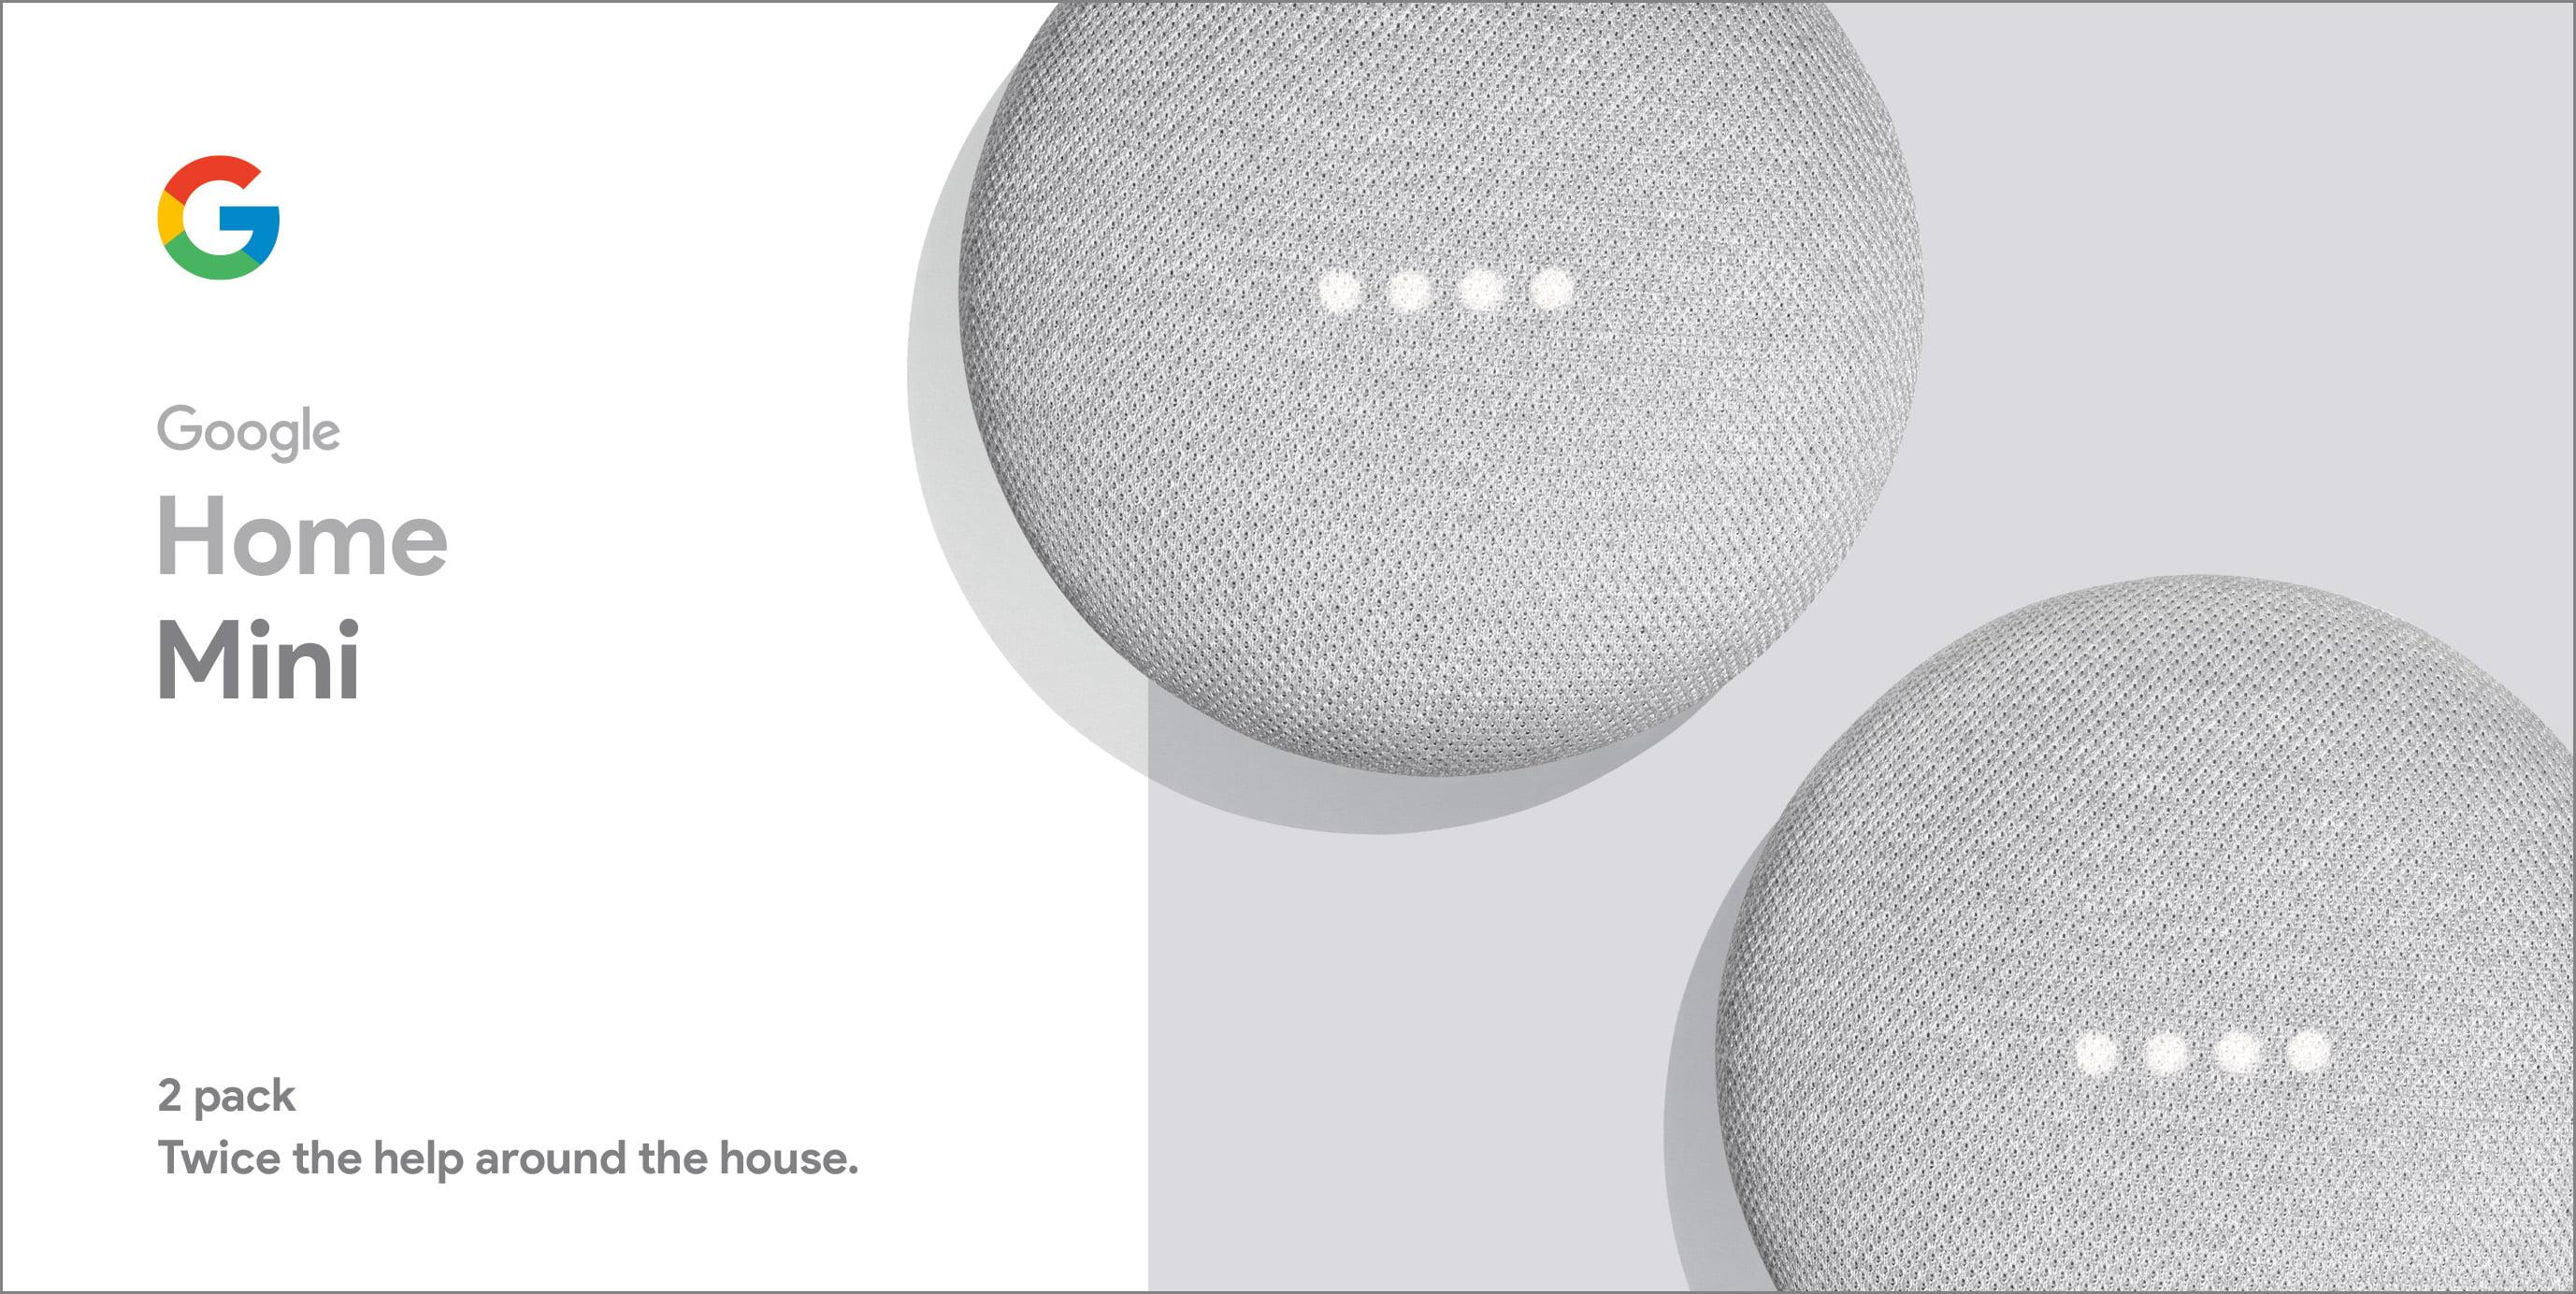 Kết quả hình ảnh cho Google Home Mini